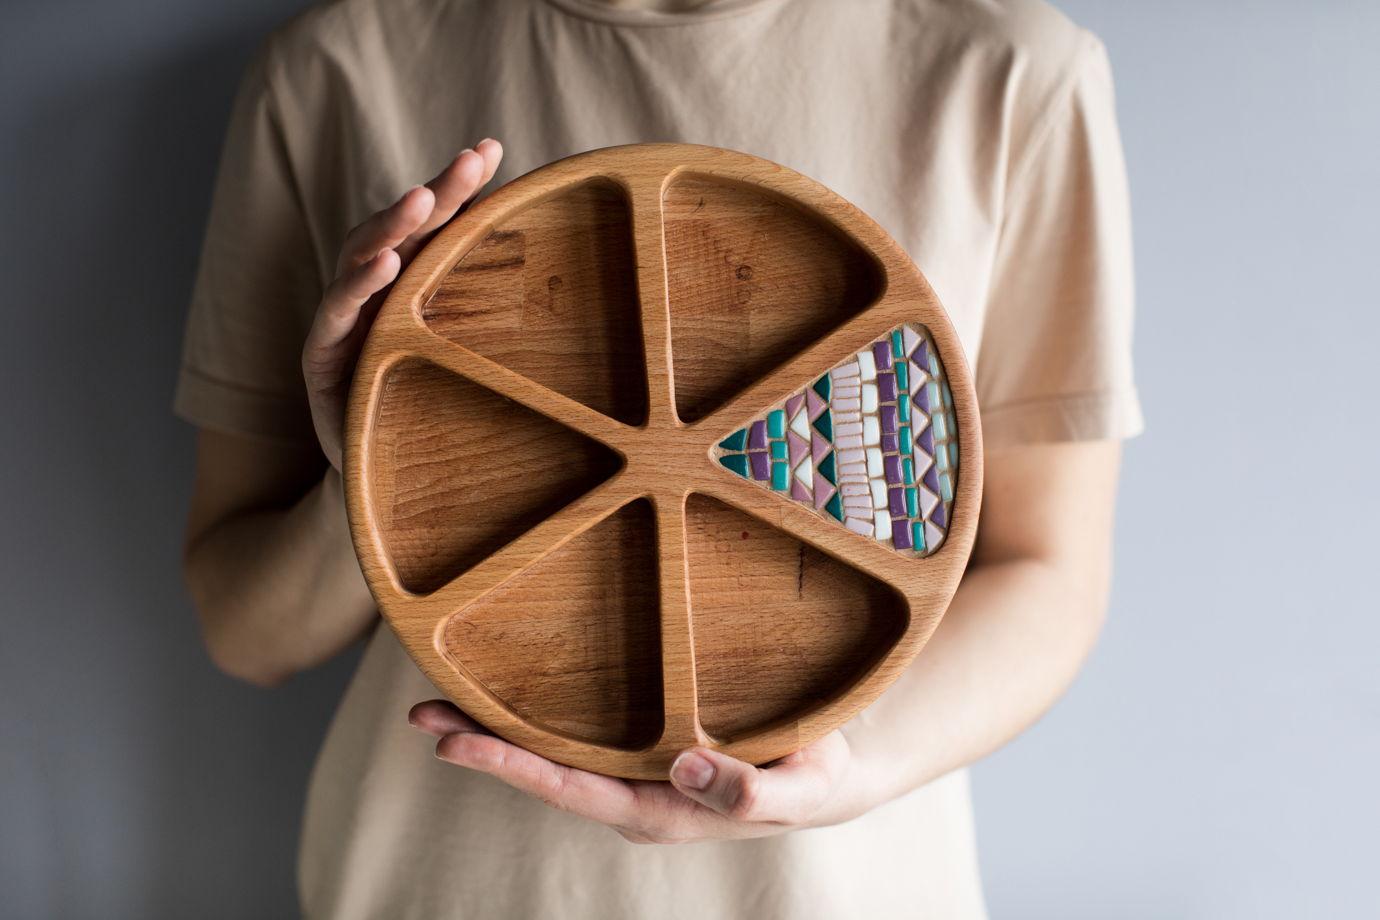 Менажница круглая с треугольными делениями и мозаикой